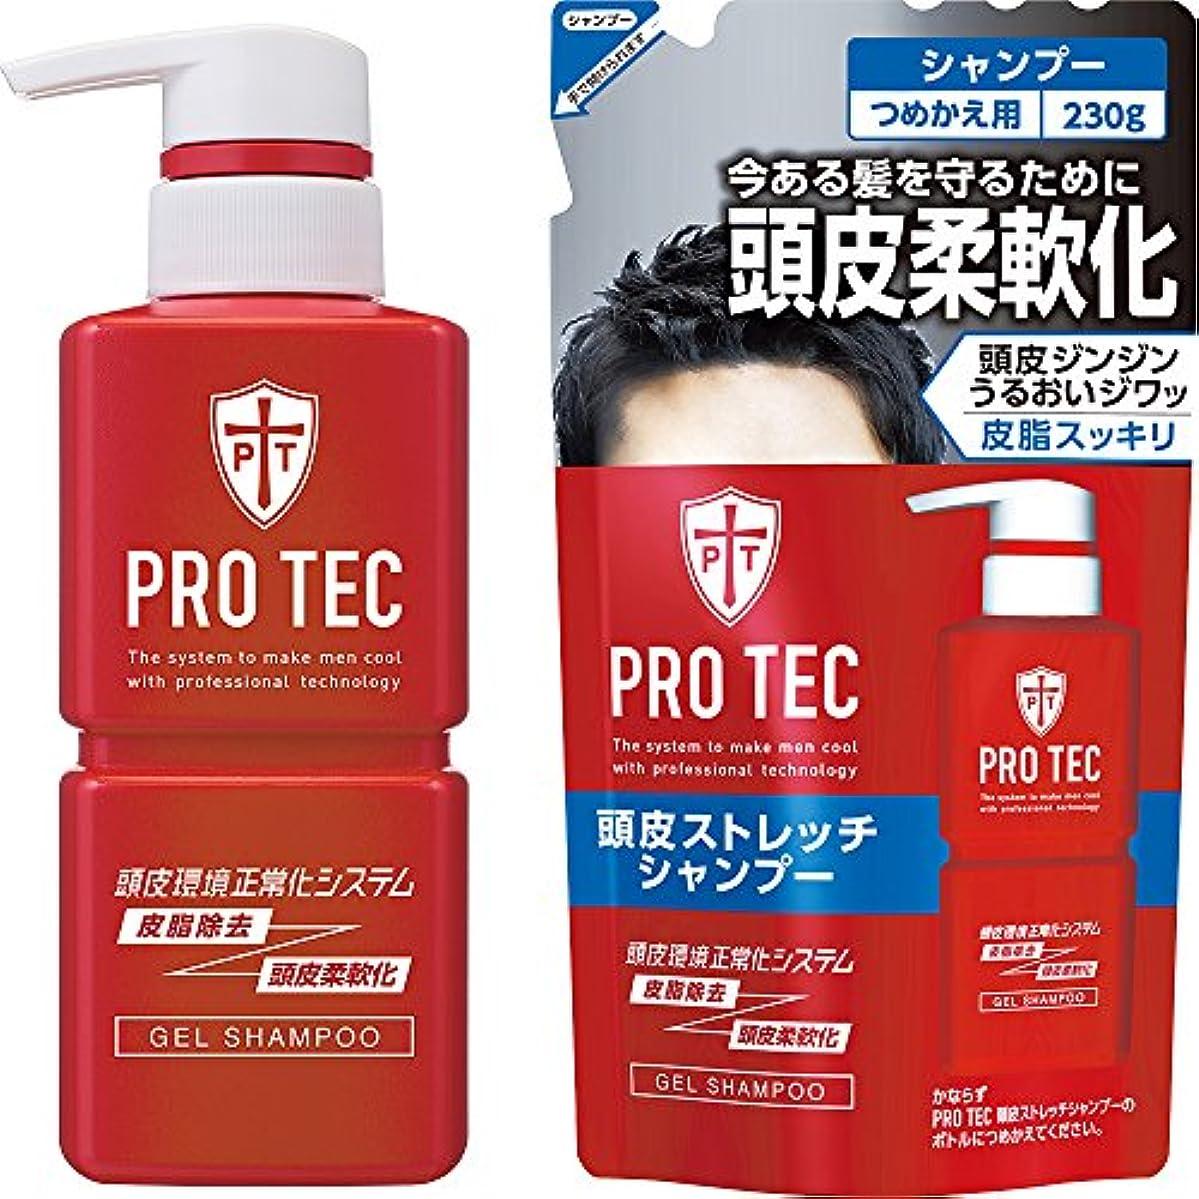 キャンパスチャート反論者PRO TEC(プロテク) 頭皮ストレッチシャンプー 本体ポンプ300g+詰め替え230g セット(医薬部外品)